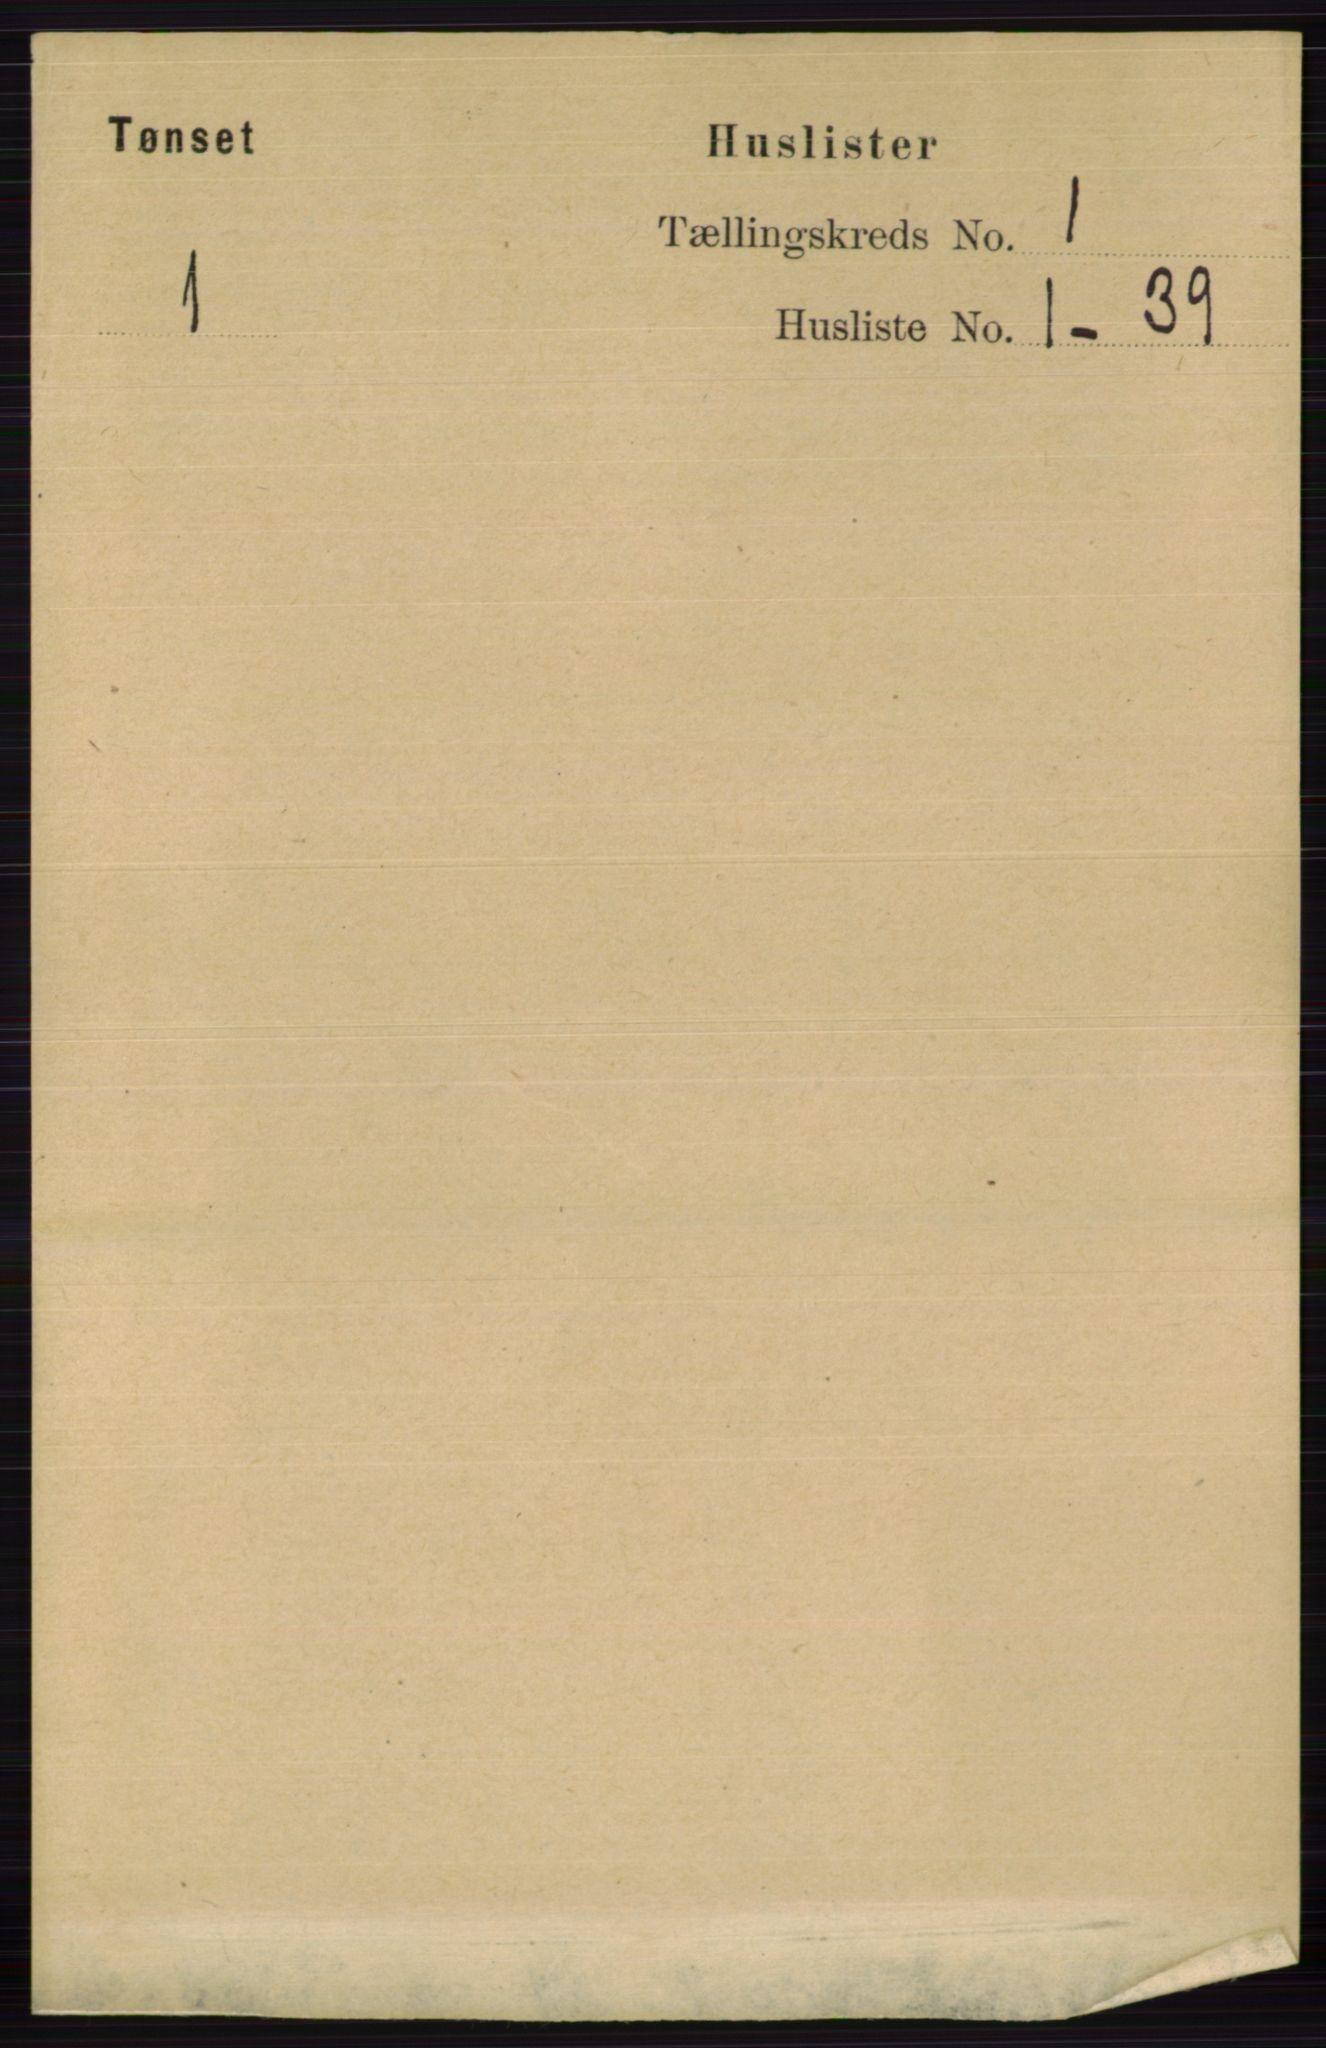 RA, Folketelling 1891 for 0437 Tynset herred, 1891, s. 31